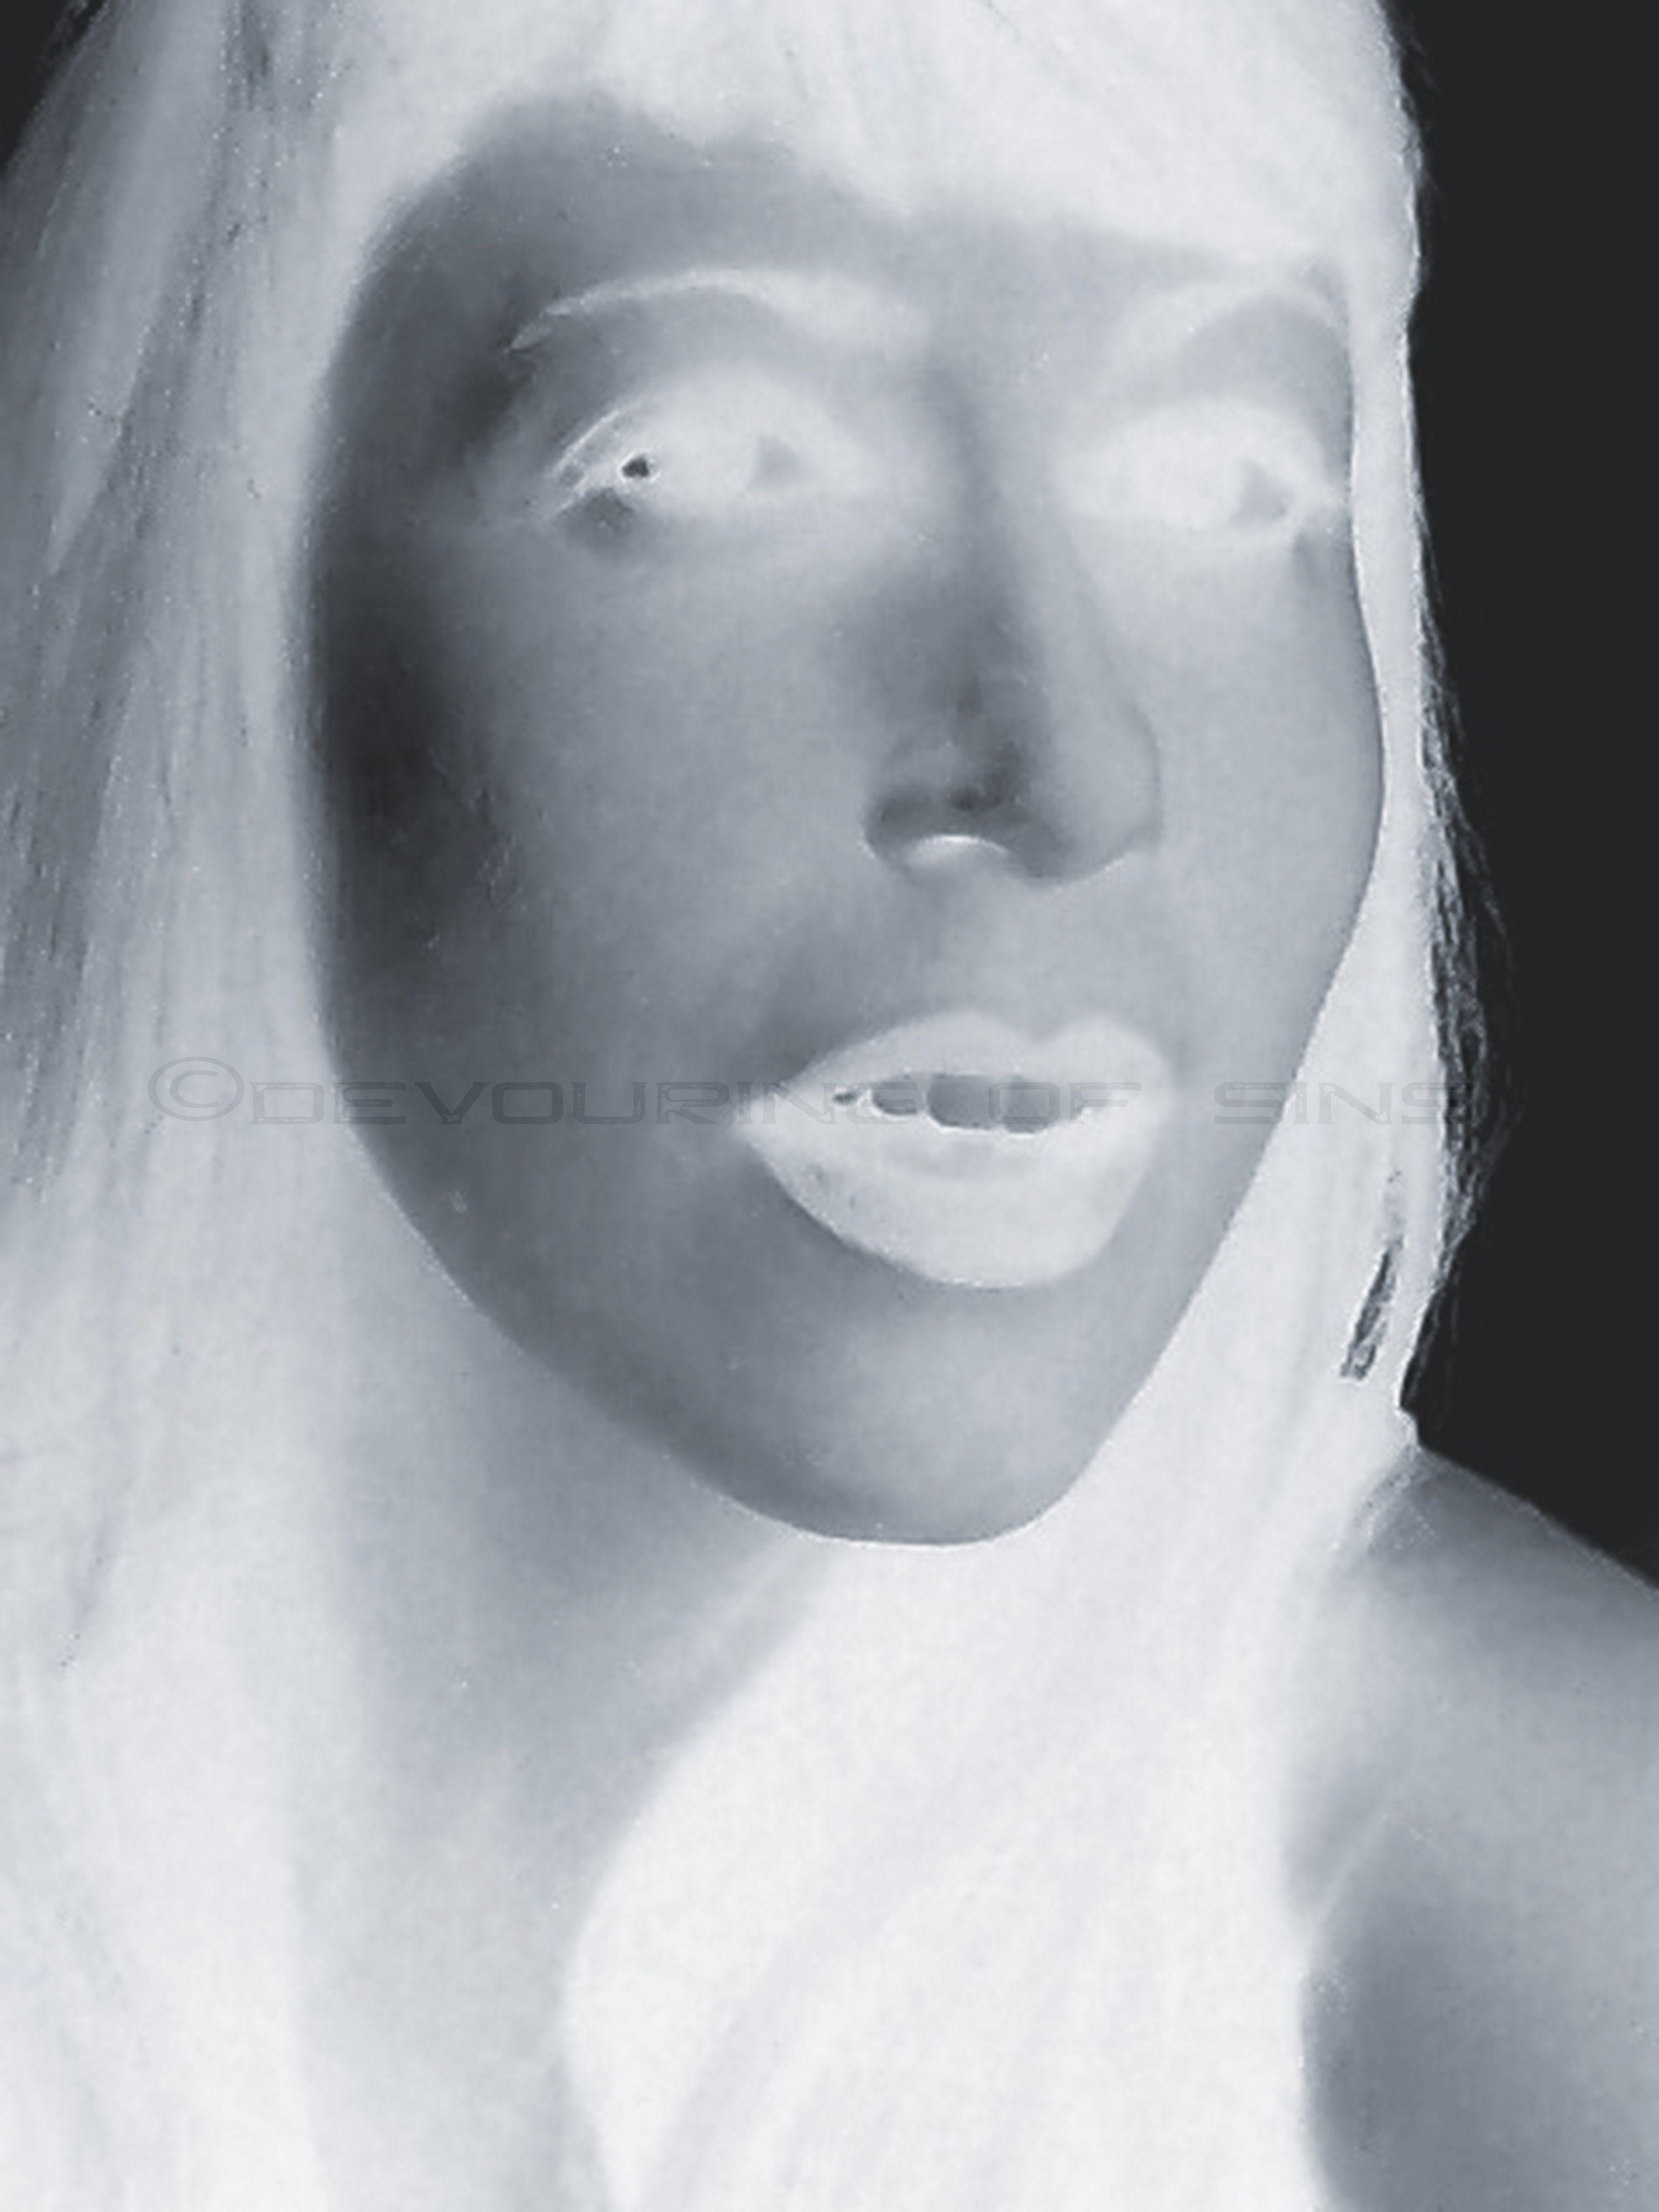 Invertcolors xray portrait negative invert colour concept invertcolors xray portrait negative invert colour concept timepass ccuart Choice Image